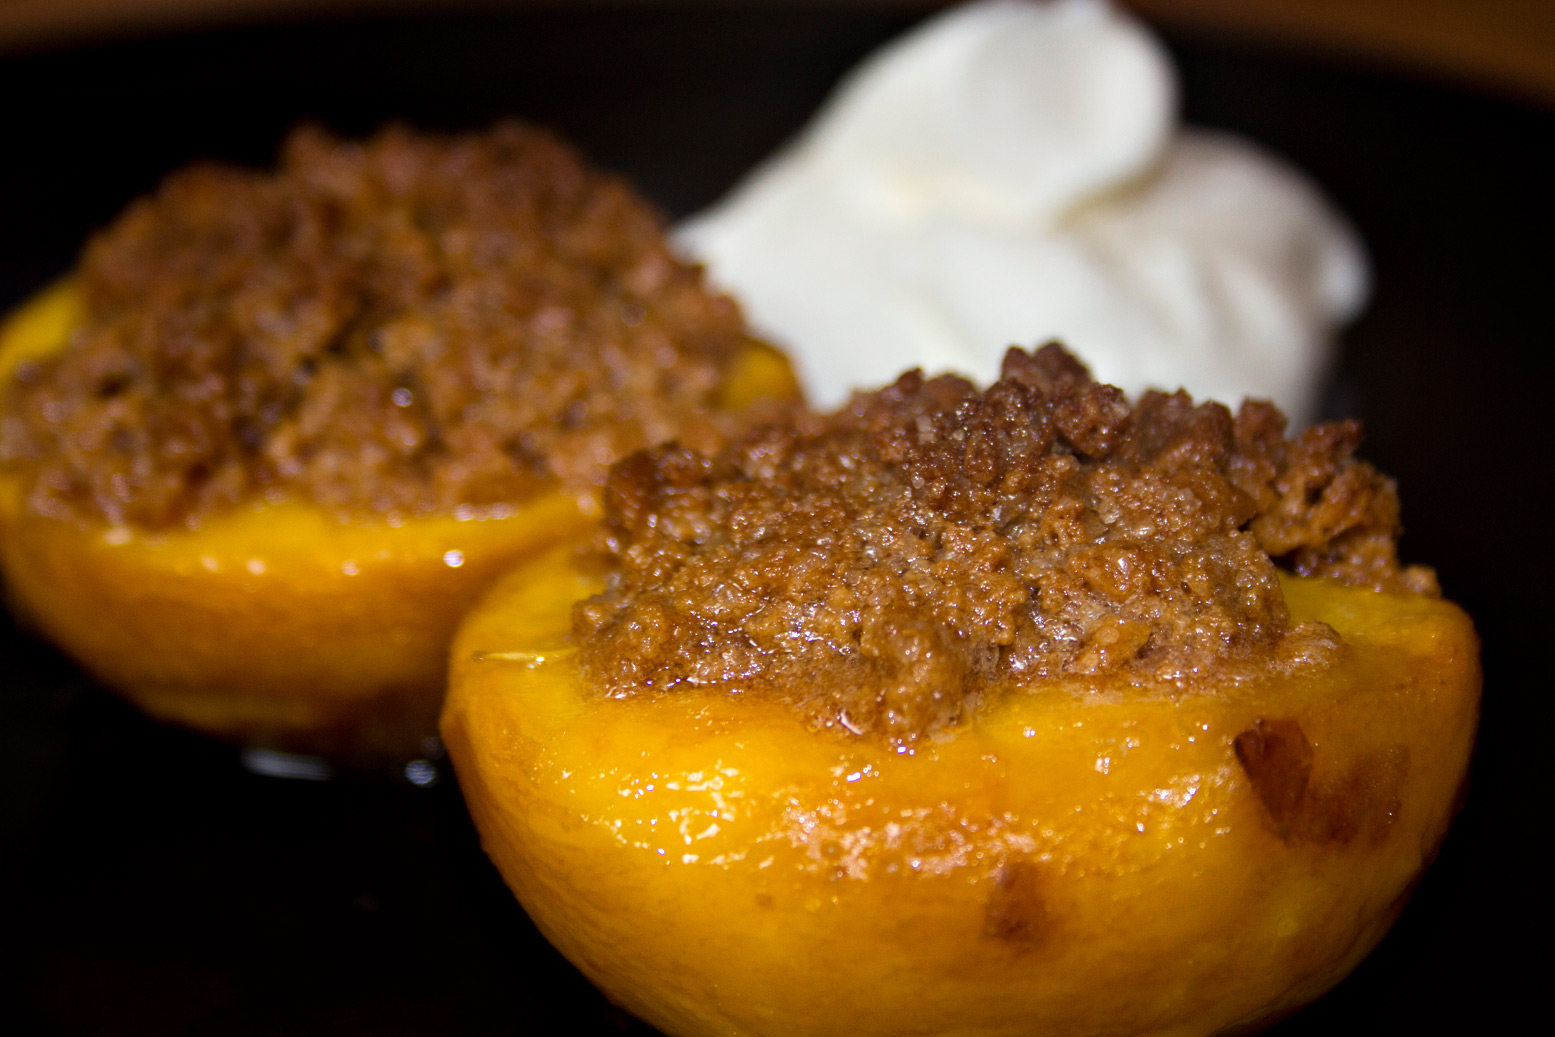 Überbackene Pfirsiche und ein Hauch Sahne